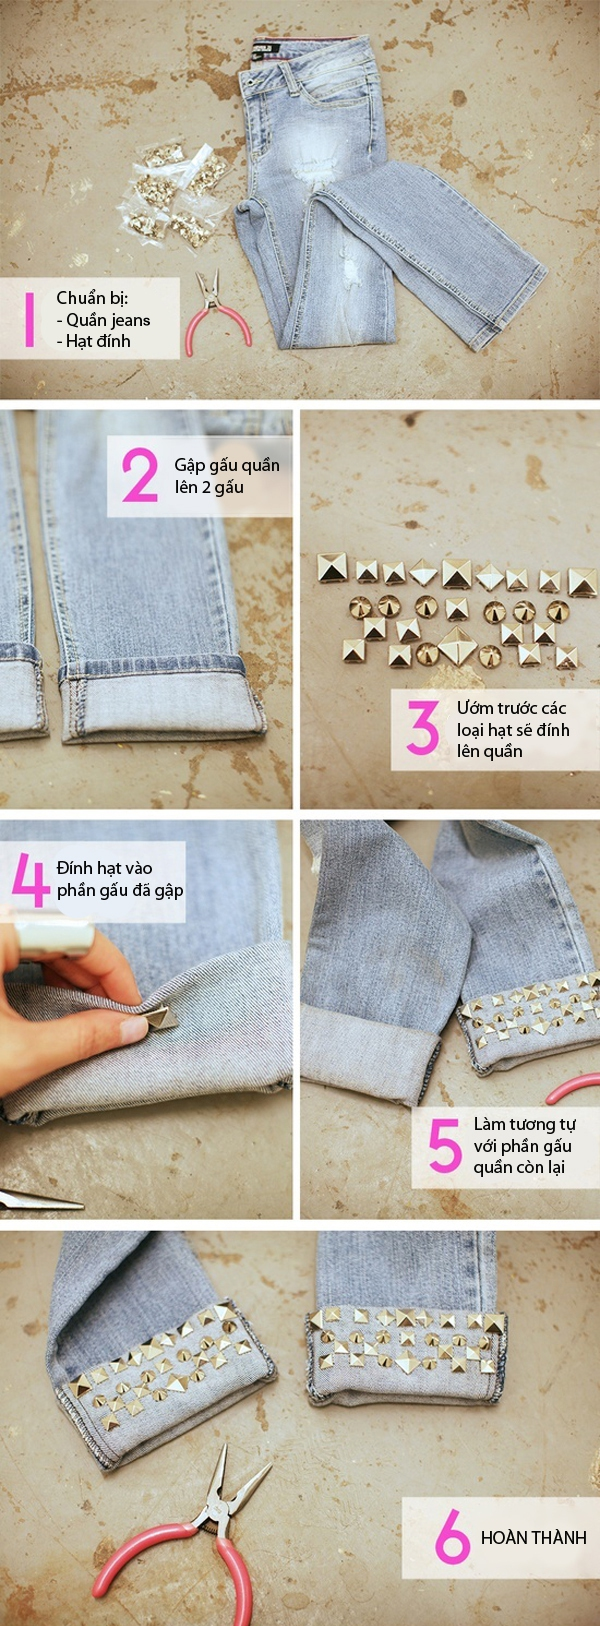 7 cách đơn giản biến hóa cho chiếc quần jeans cũ 1